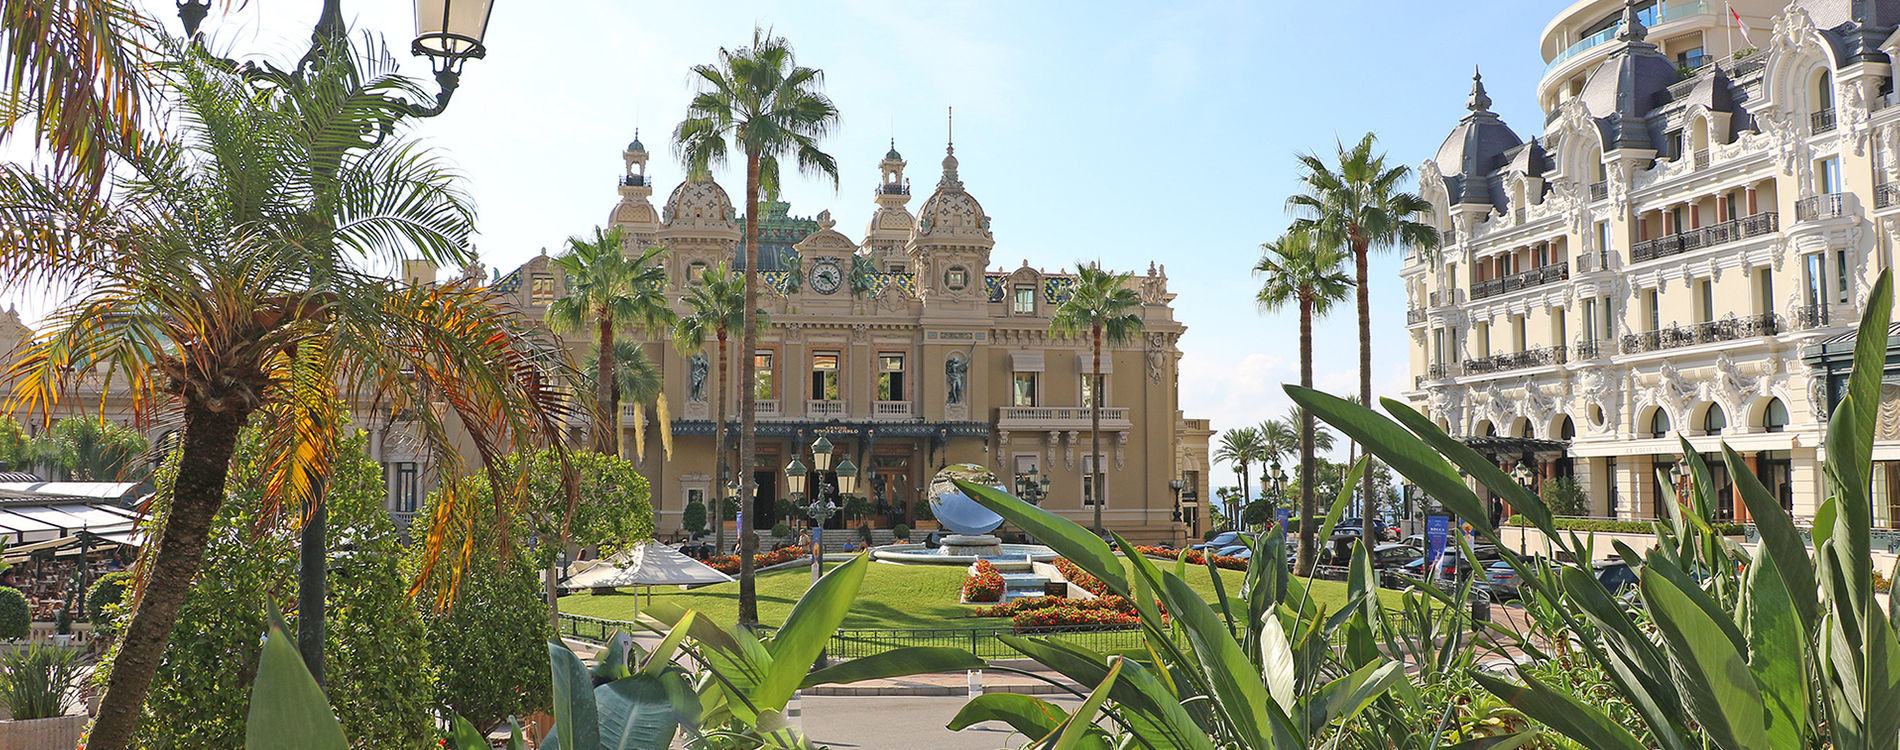 Jardins des Boulingrins in Monaco | Monte-Carlo Société des ...